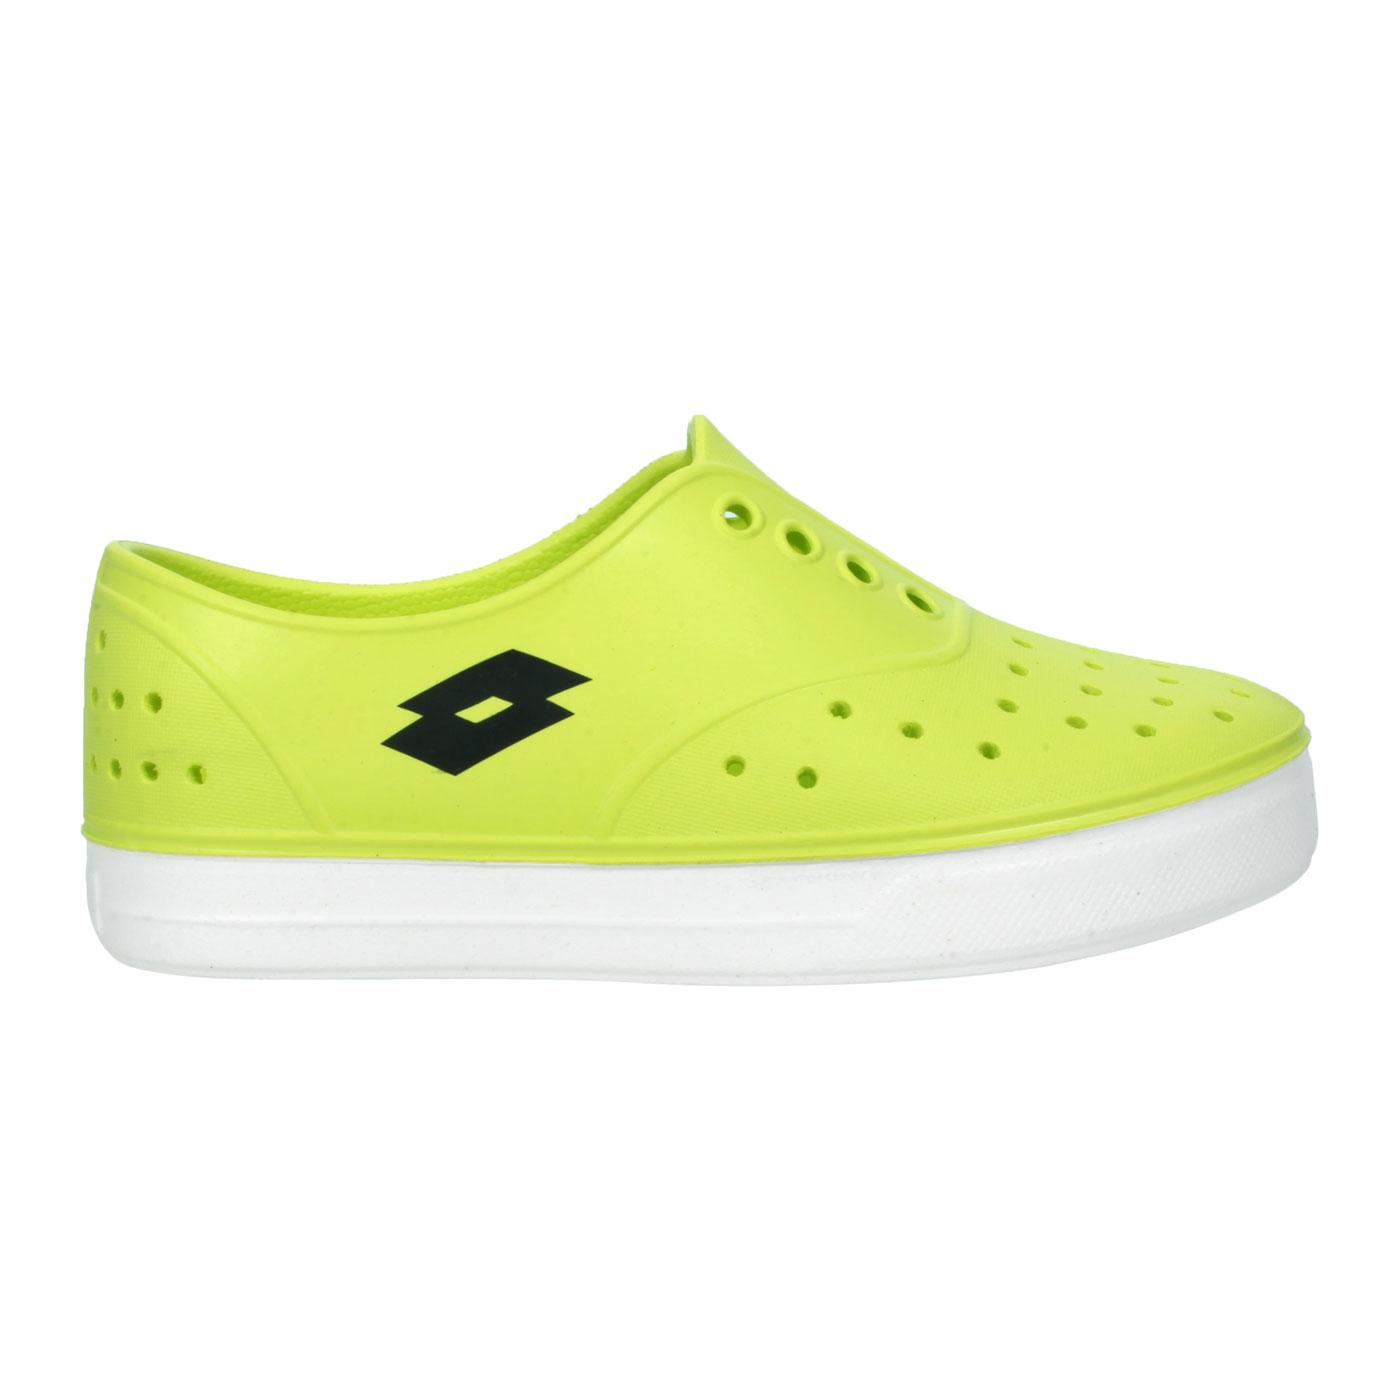 LOTTO 中童繽紛玩色亮彩洞洞鞋 LT1AKS3534 - 螢光黃